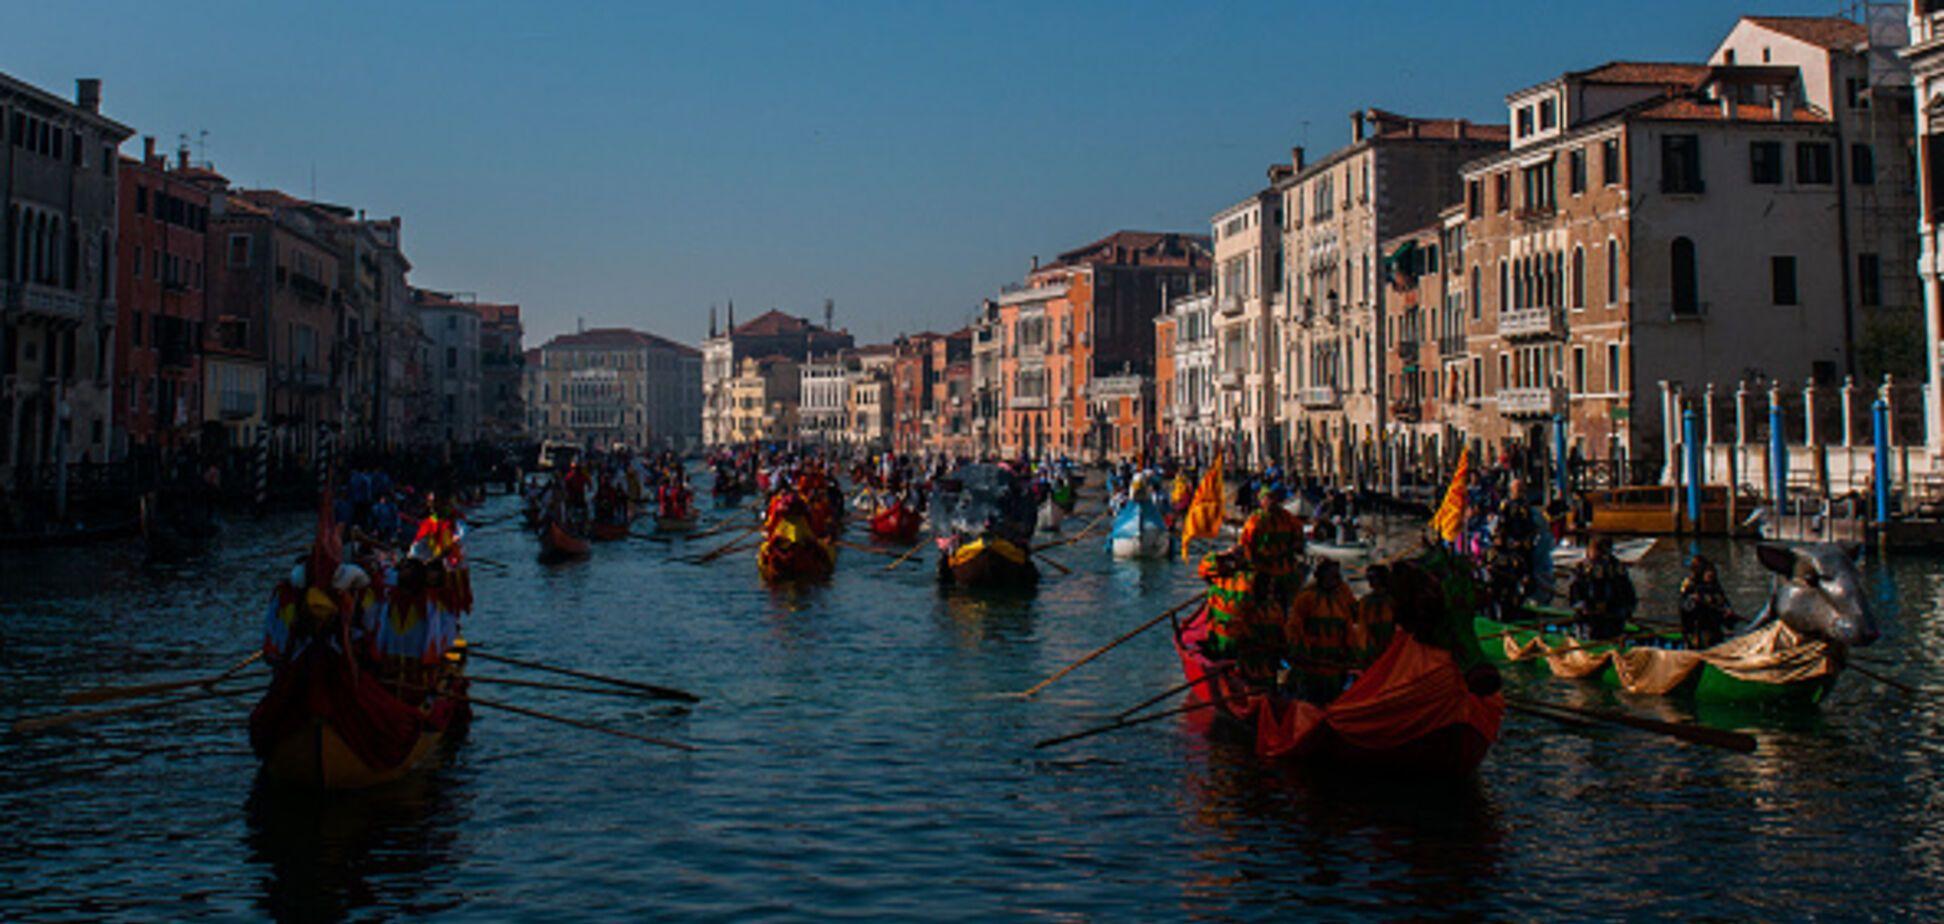 У Венеції почався знаменитий карнавал: яскраві фото